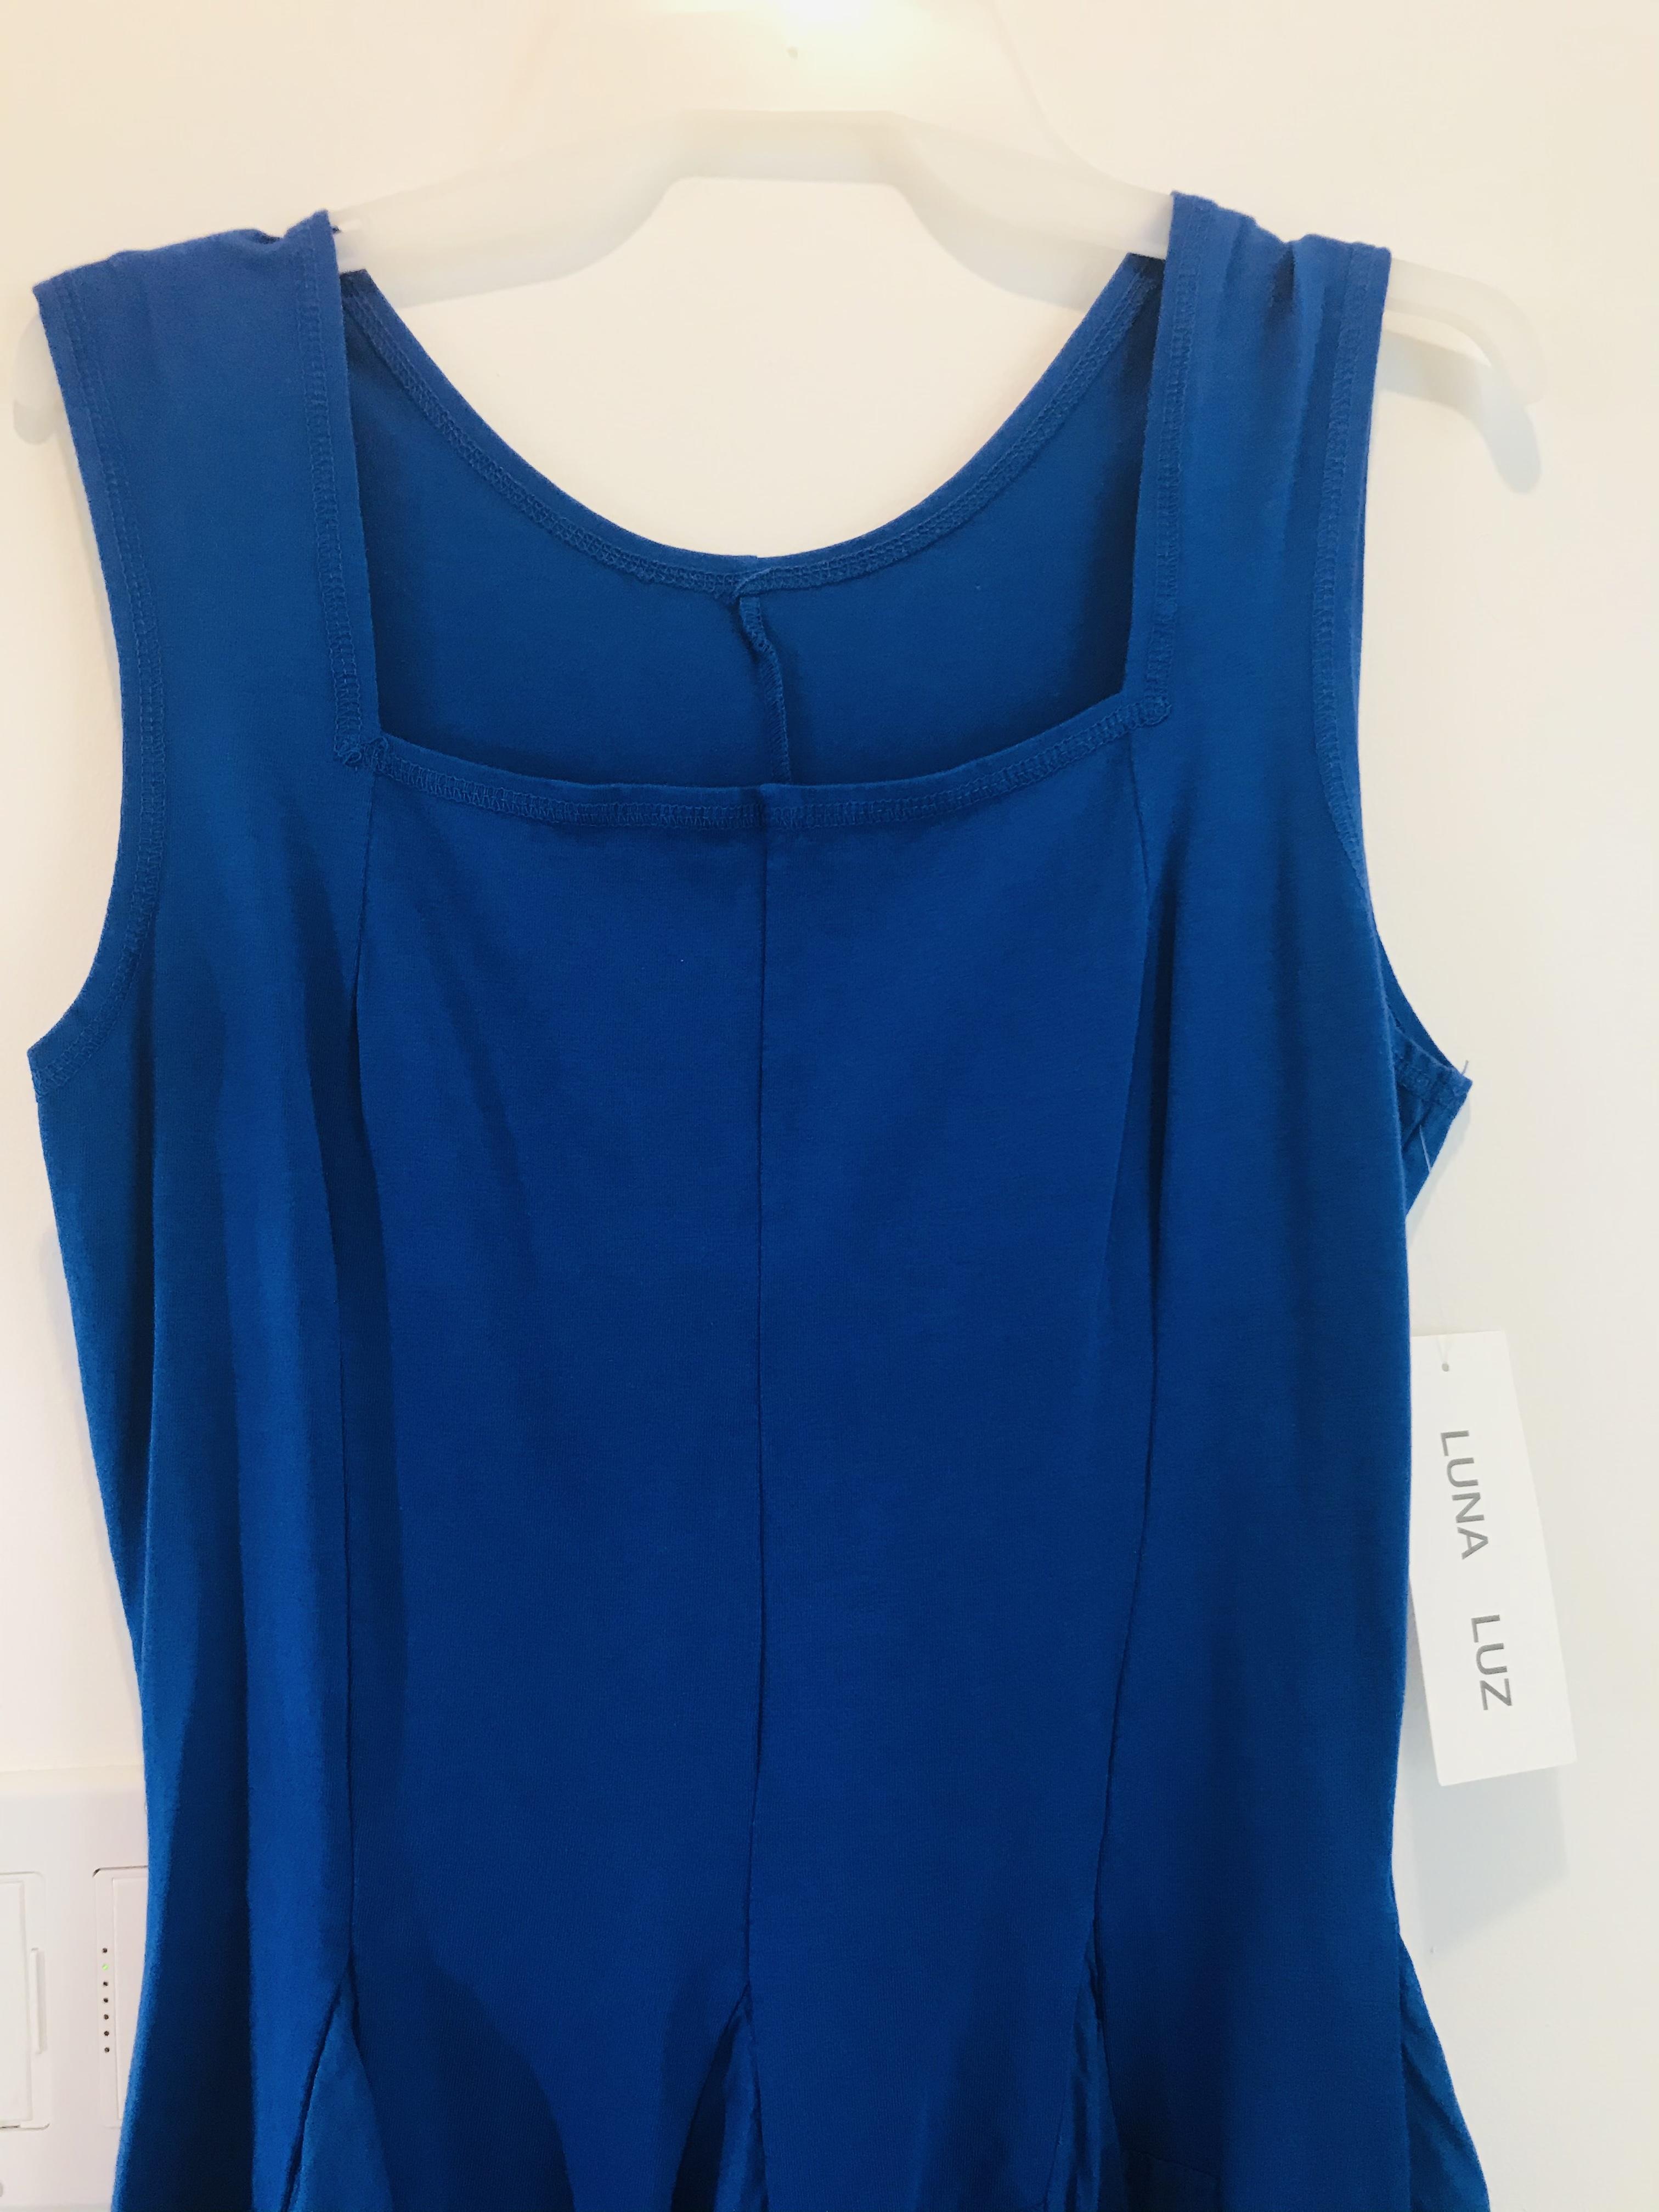 Luna Luz: Godet Dyed Square Neck Dress (Ships Immed in Electric Blue, 1 Left!)